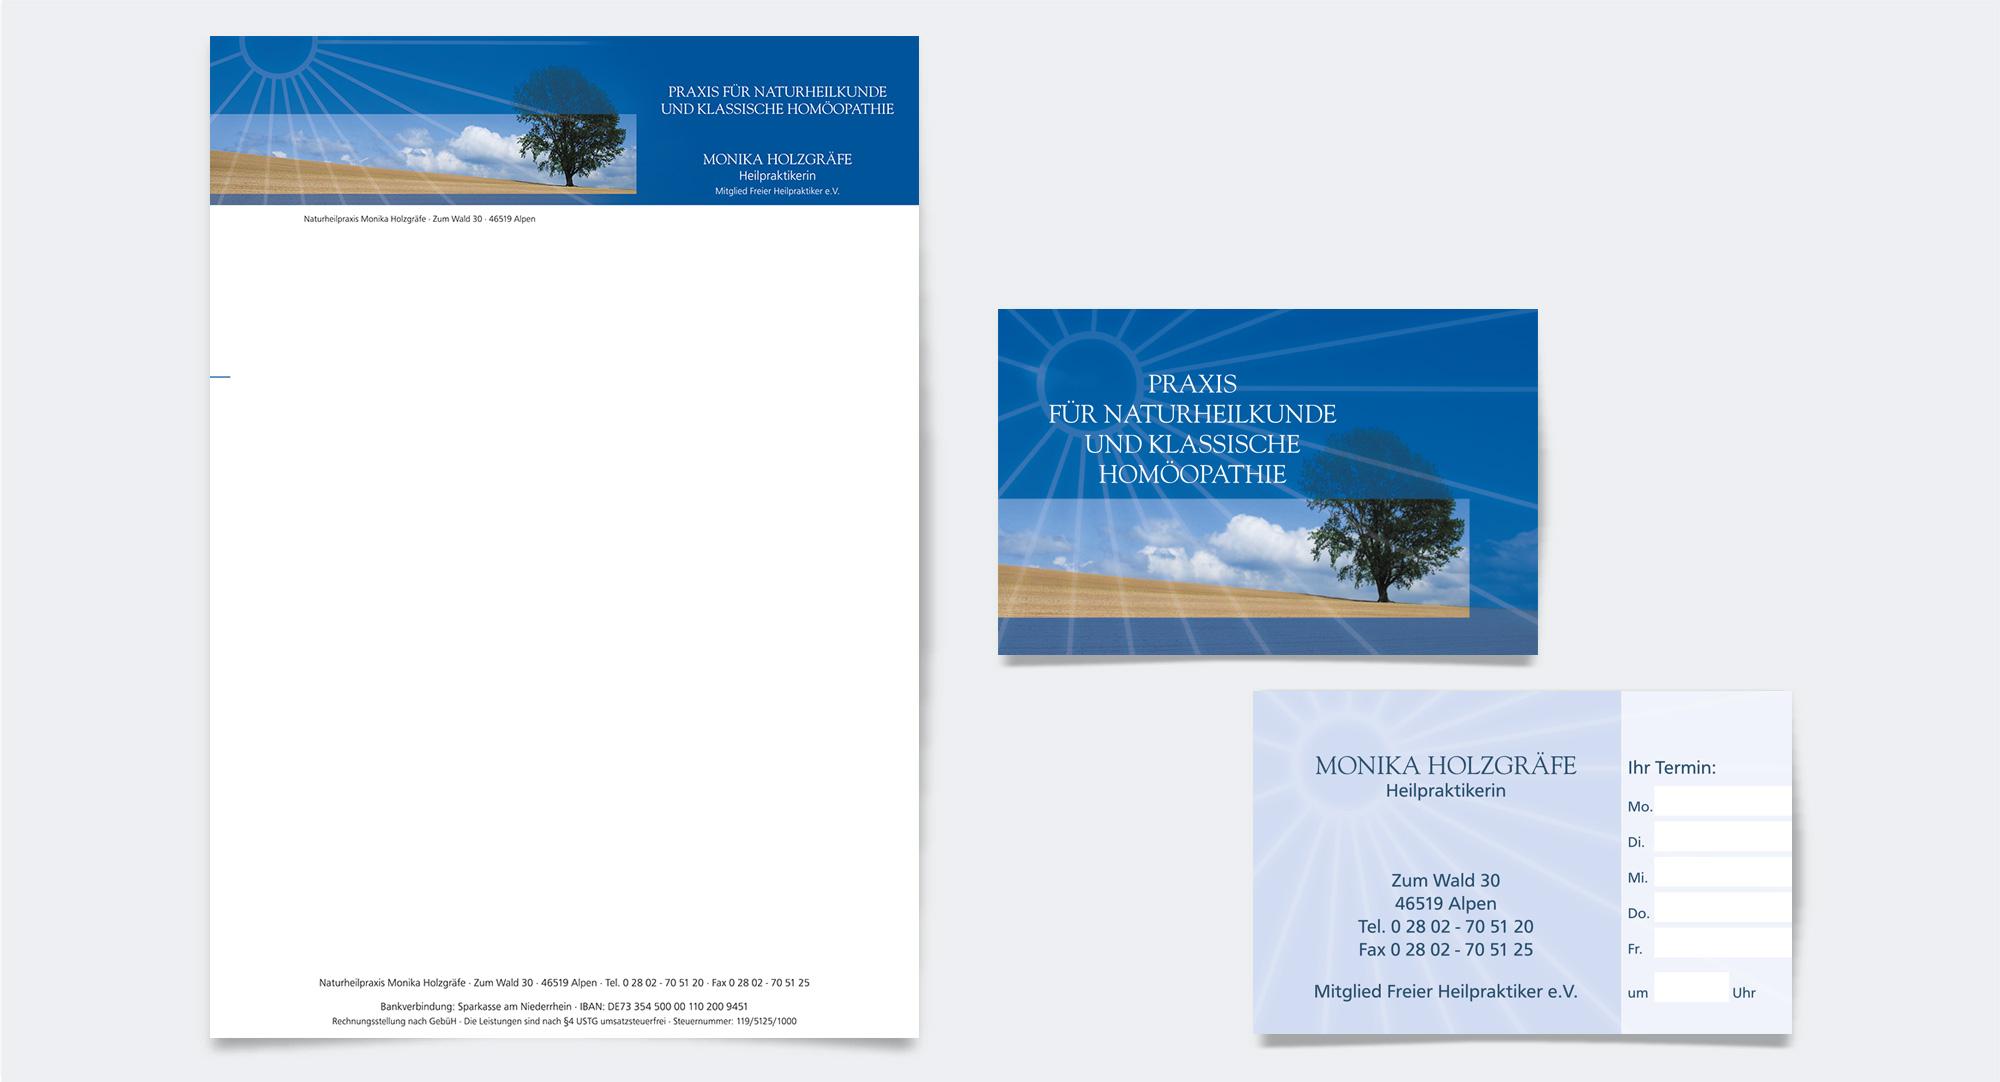 Monika Holzgräfe, Praxis für Naturheilkunde – Praxisausstattung